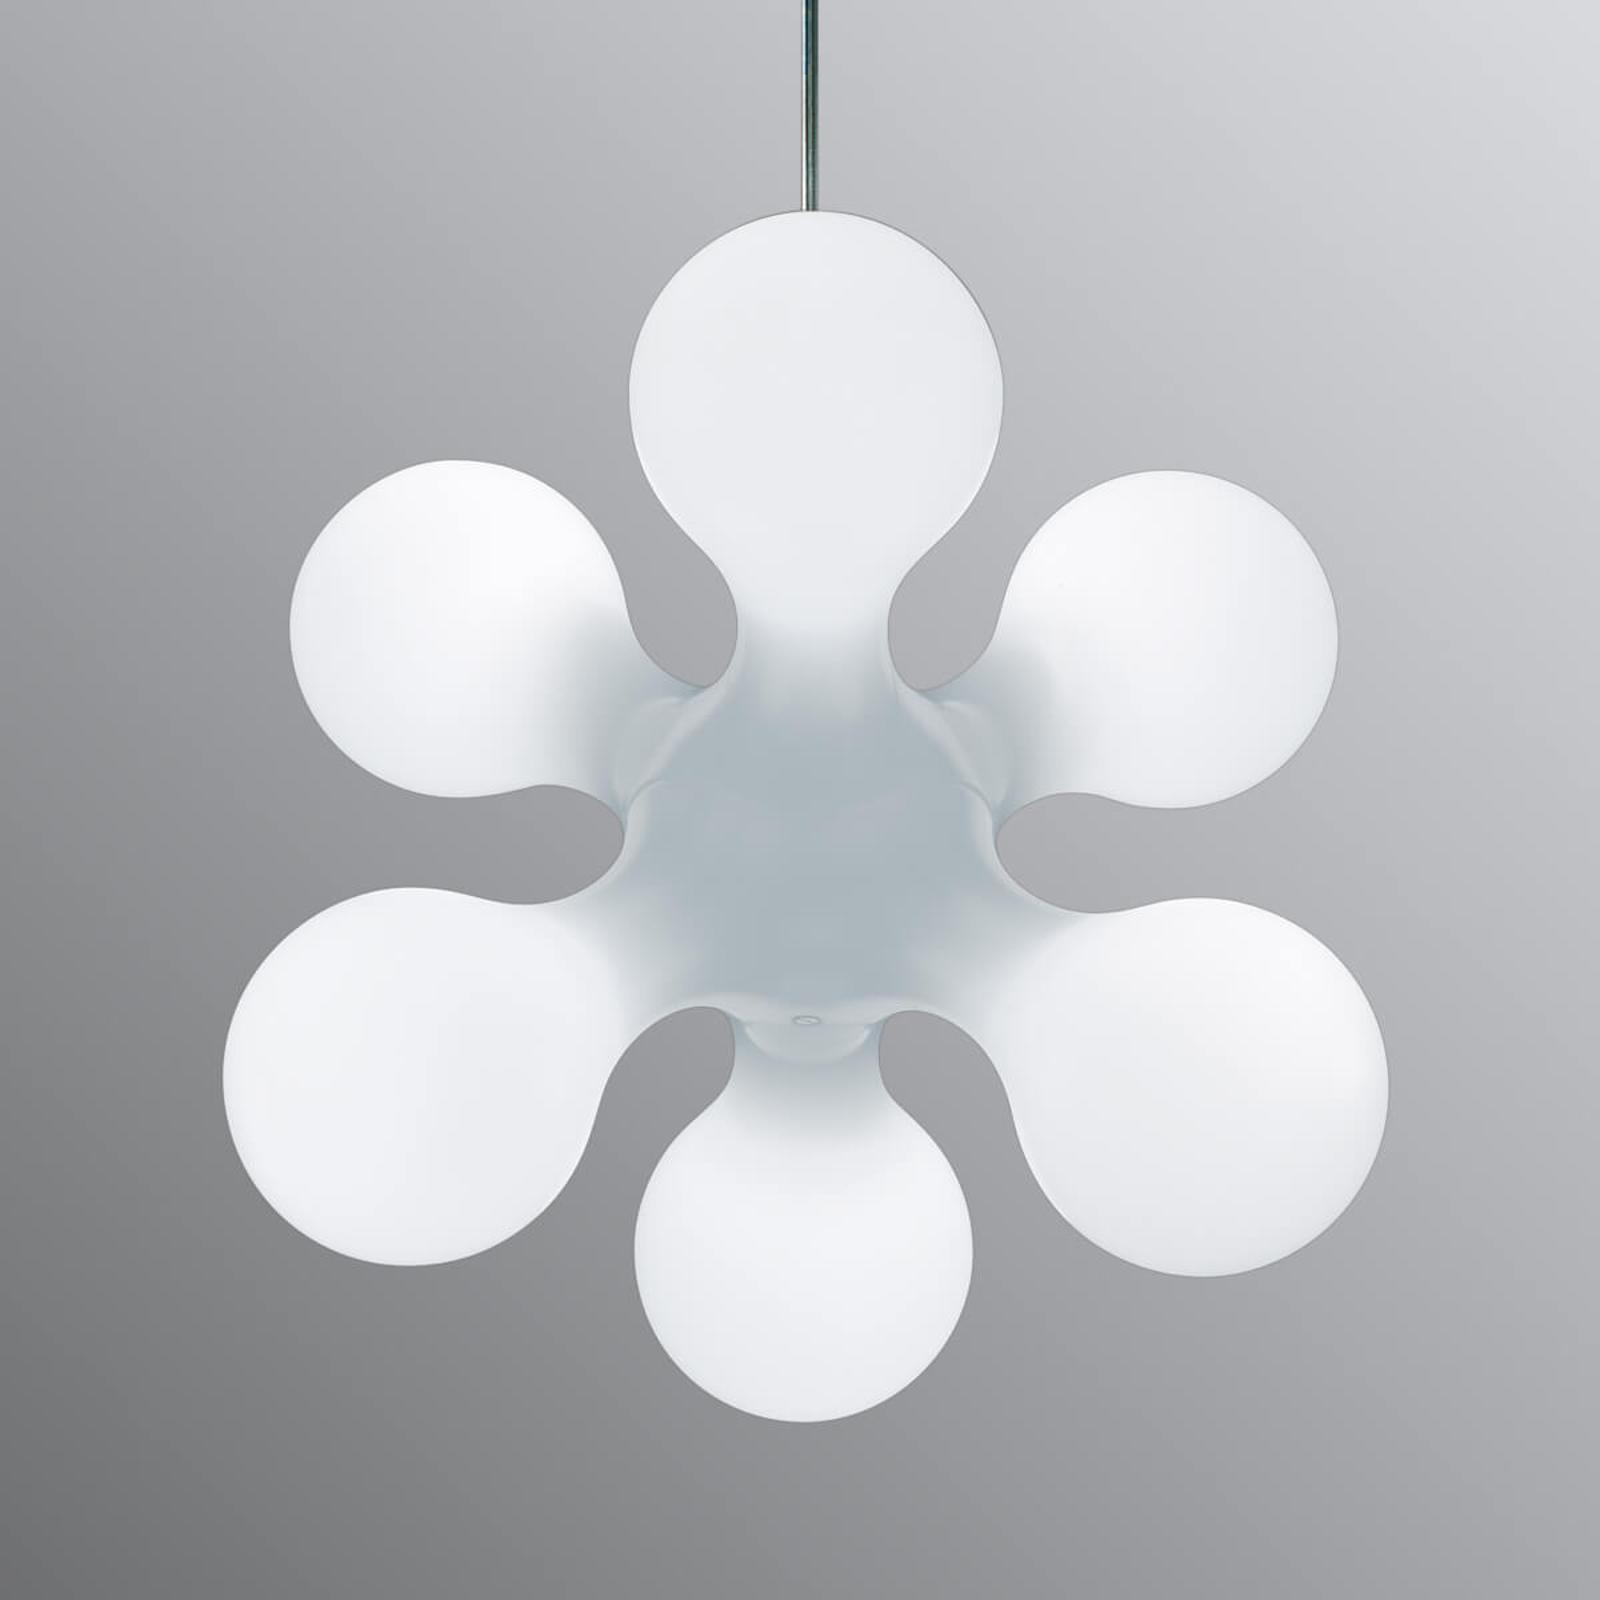 Stilig designhengelampe Atomium